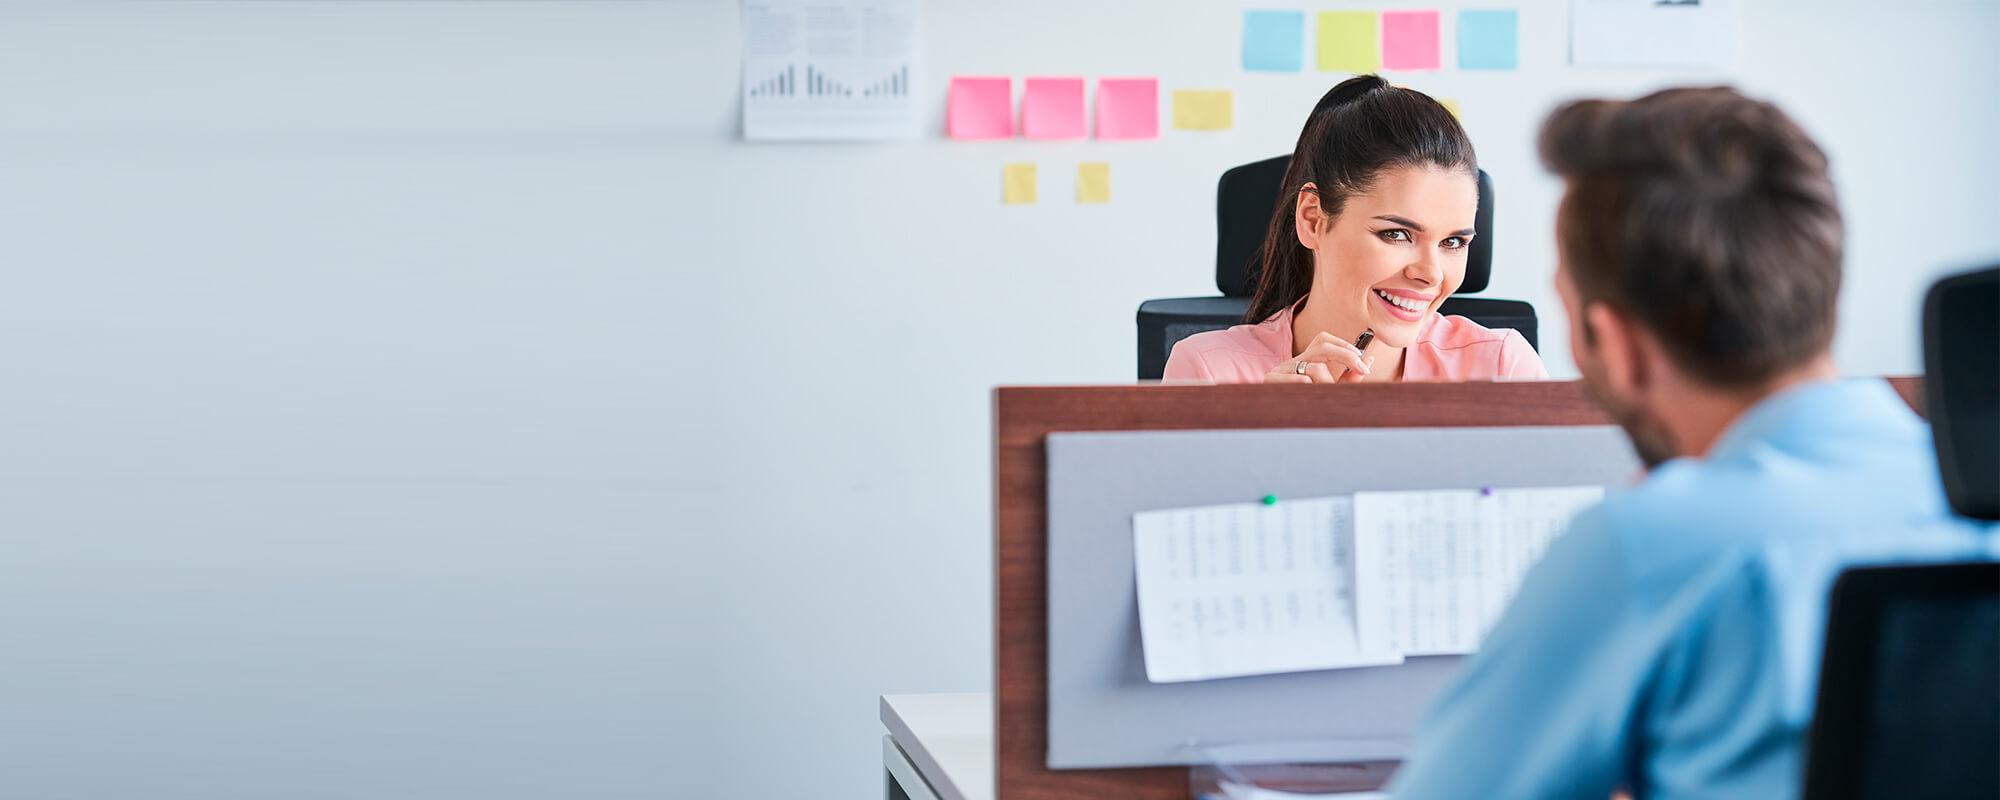 prohibir el noviazgo en el trabajo